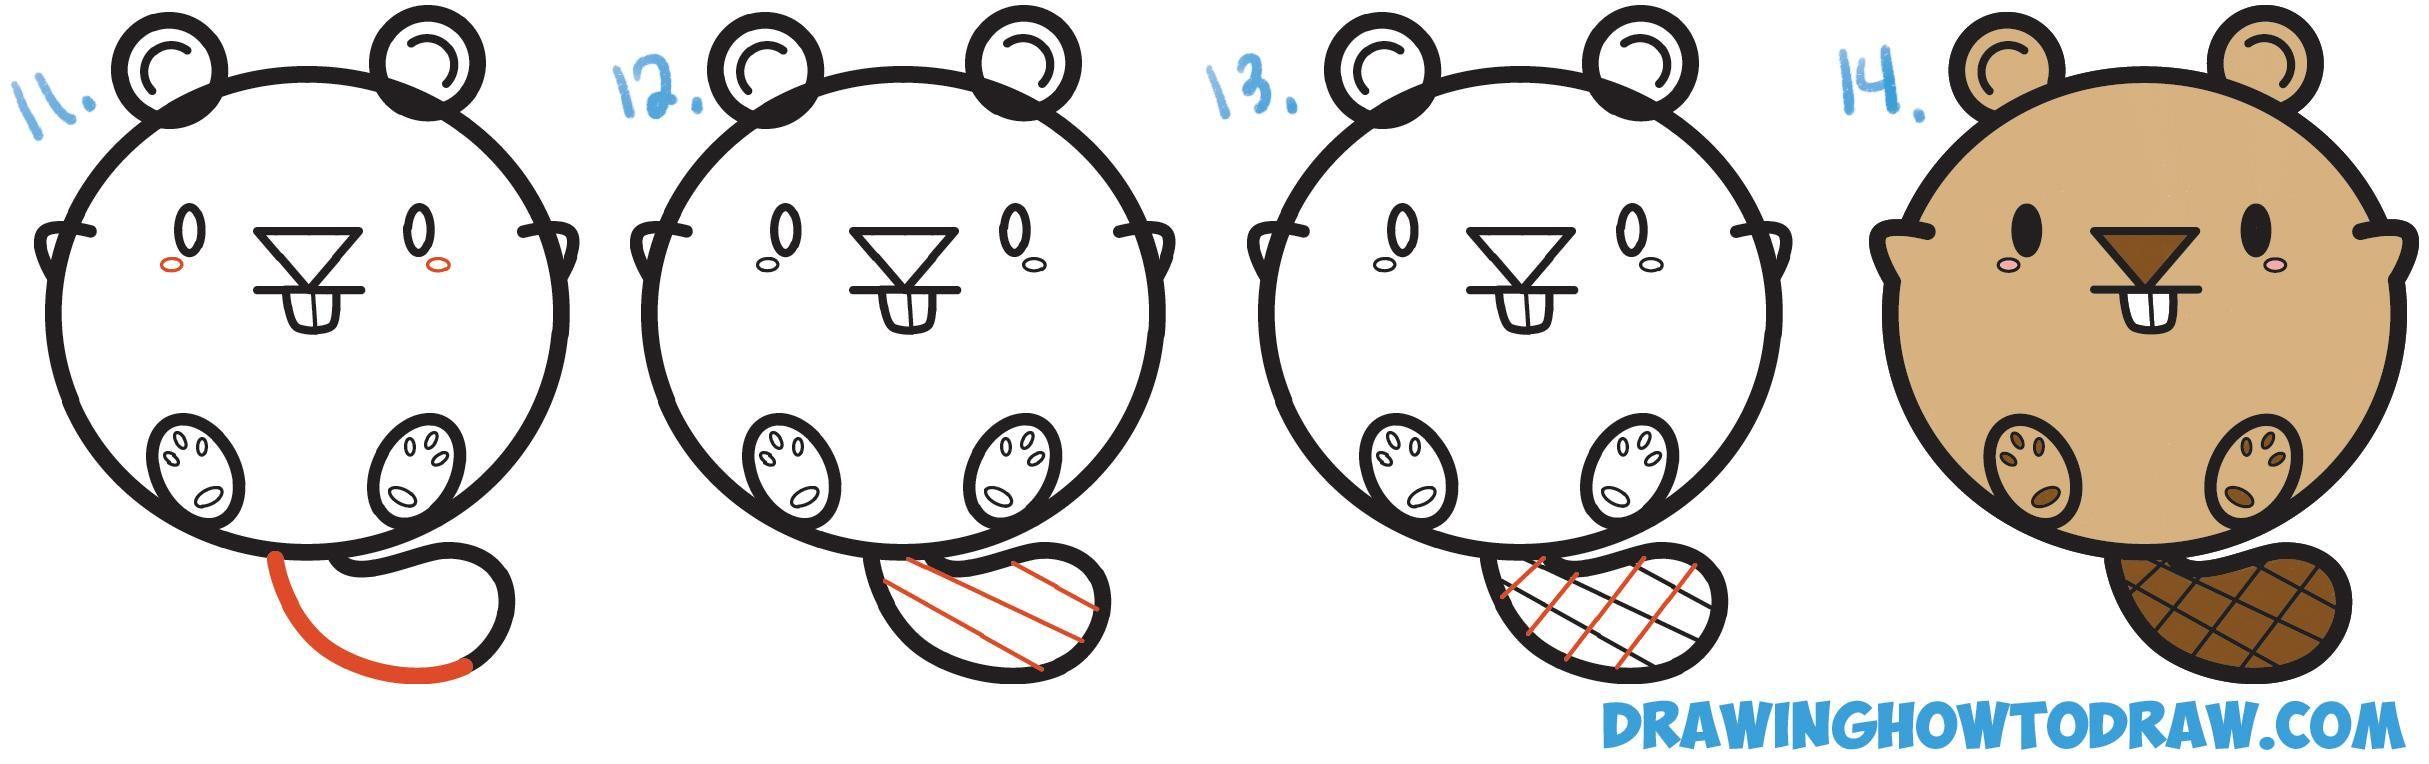 儿童简笔画:字母图形画出可爱的人物与动物,女孩蝴蝶独角兽等